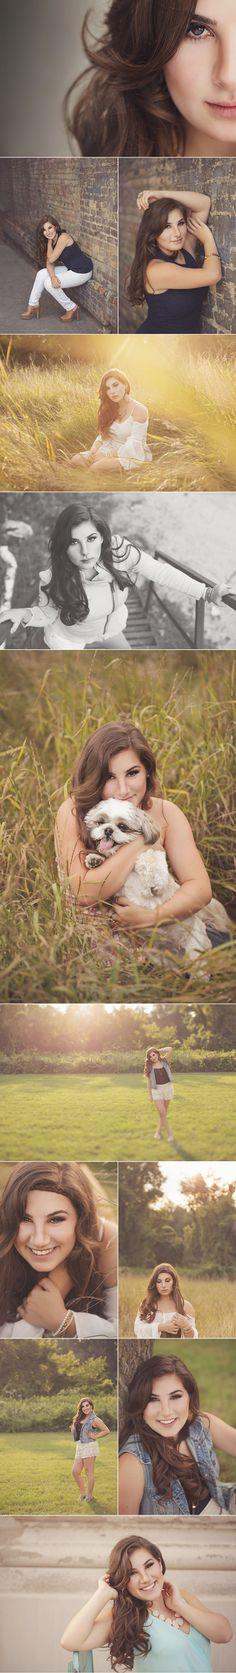 Ann Arbor Michigan Senior Photographer | Annie Elizabeth » Miss by Marissa